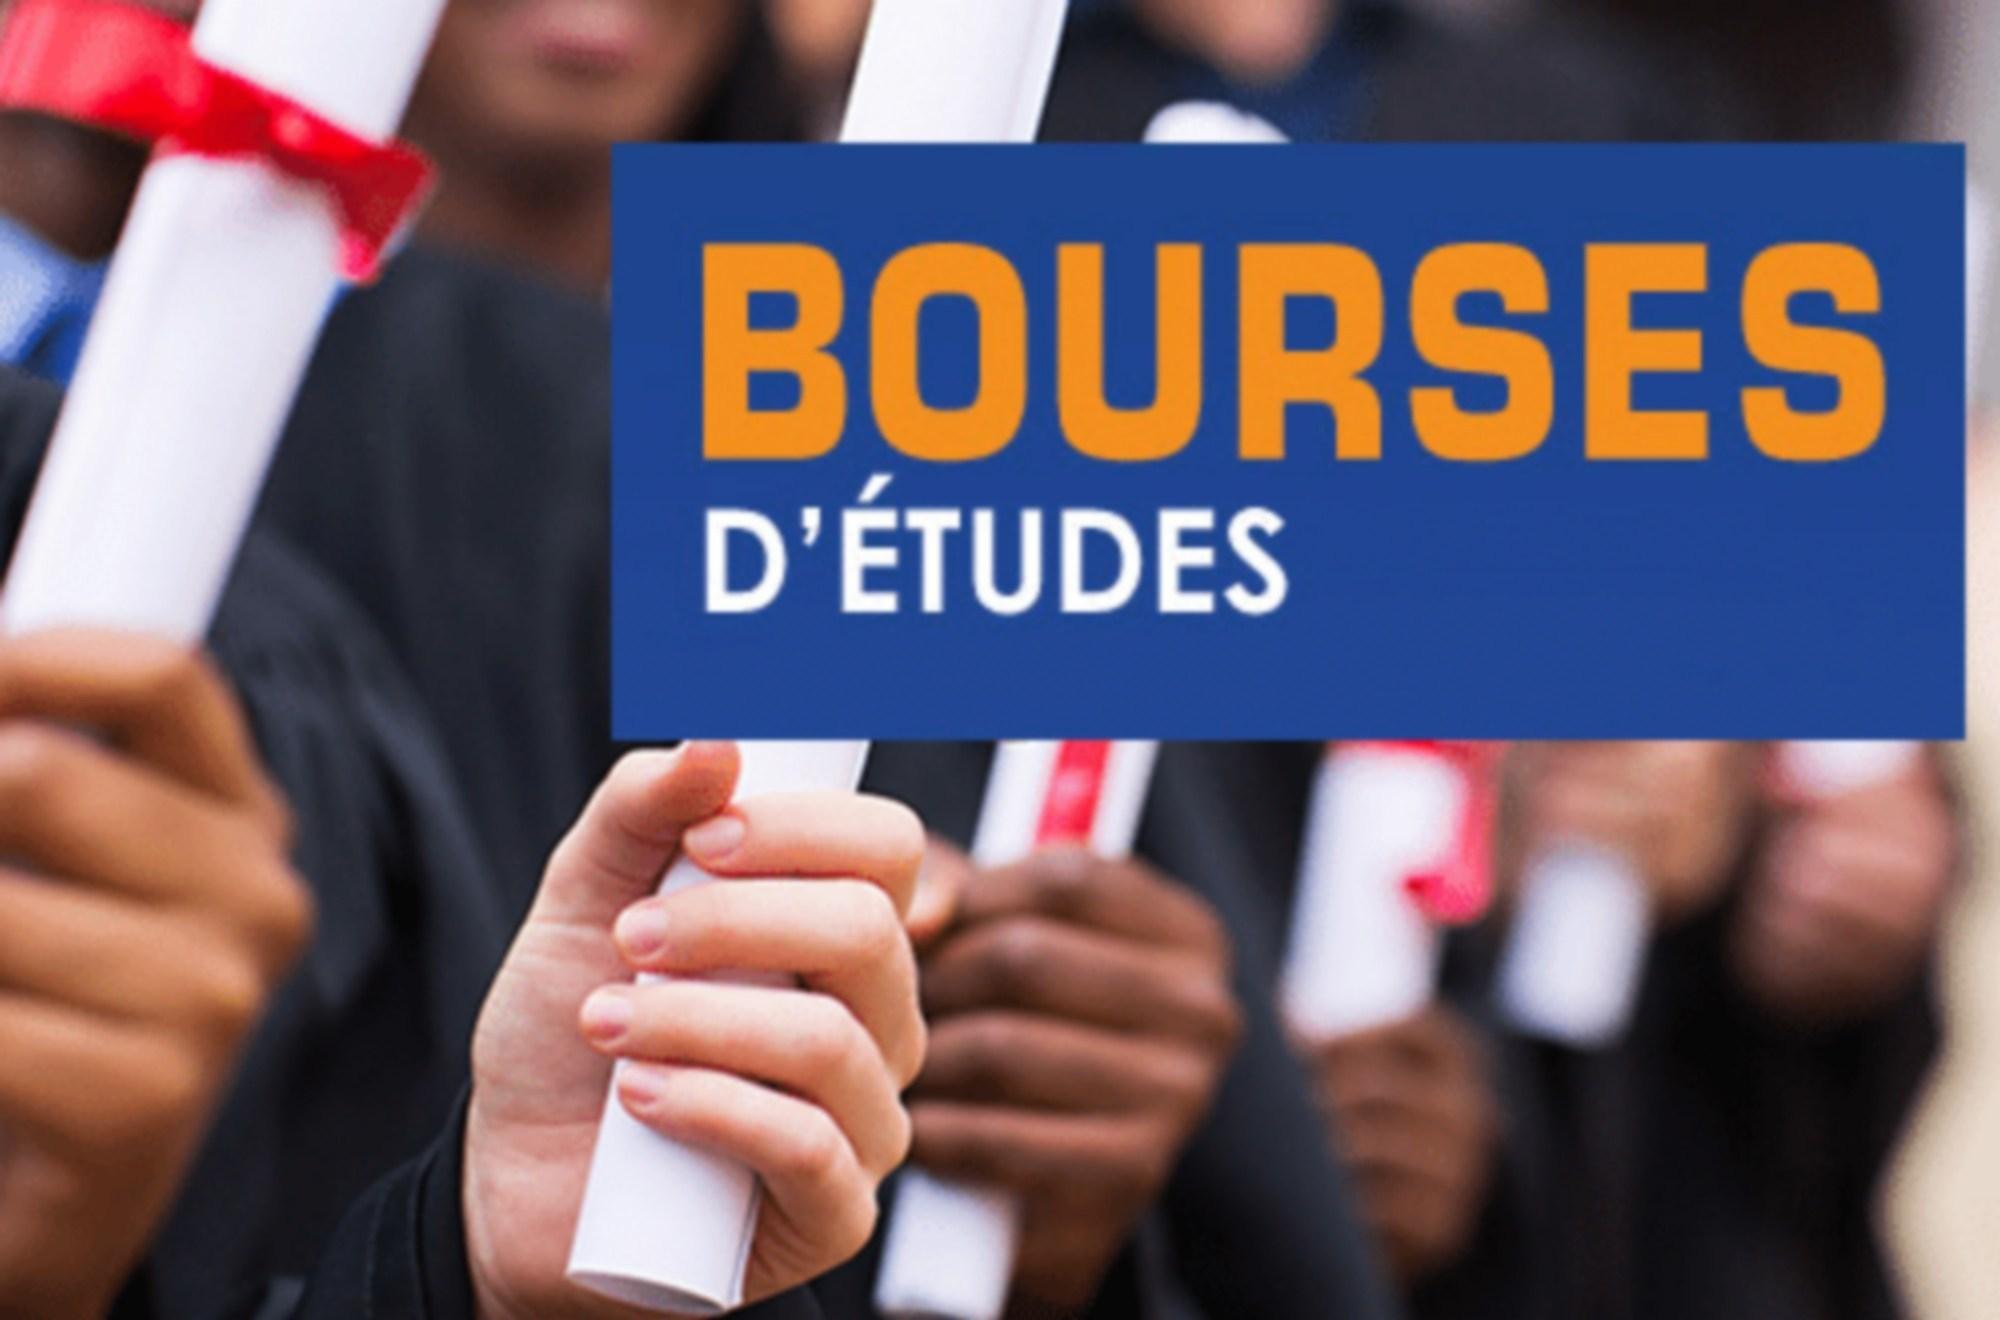 Bourses d'étude et de formation aux étudiants camerounais